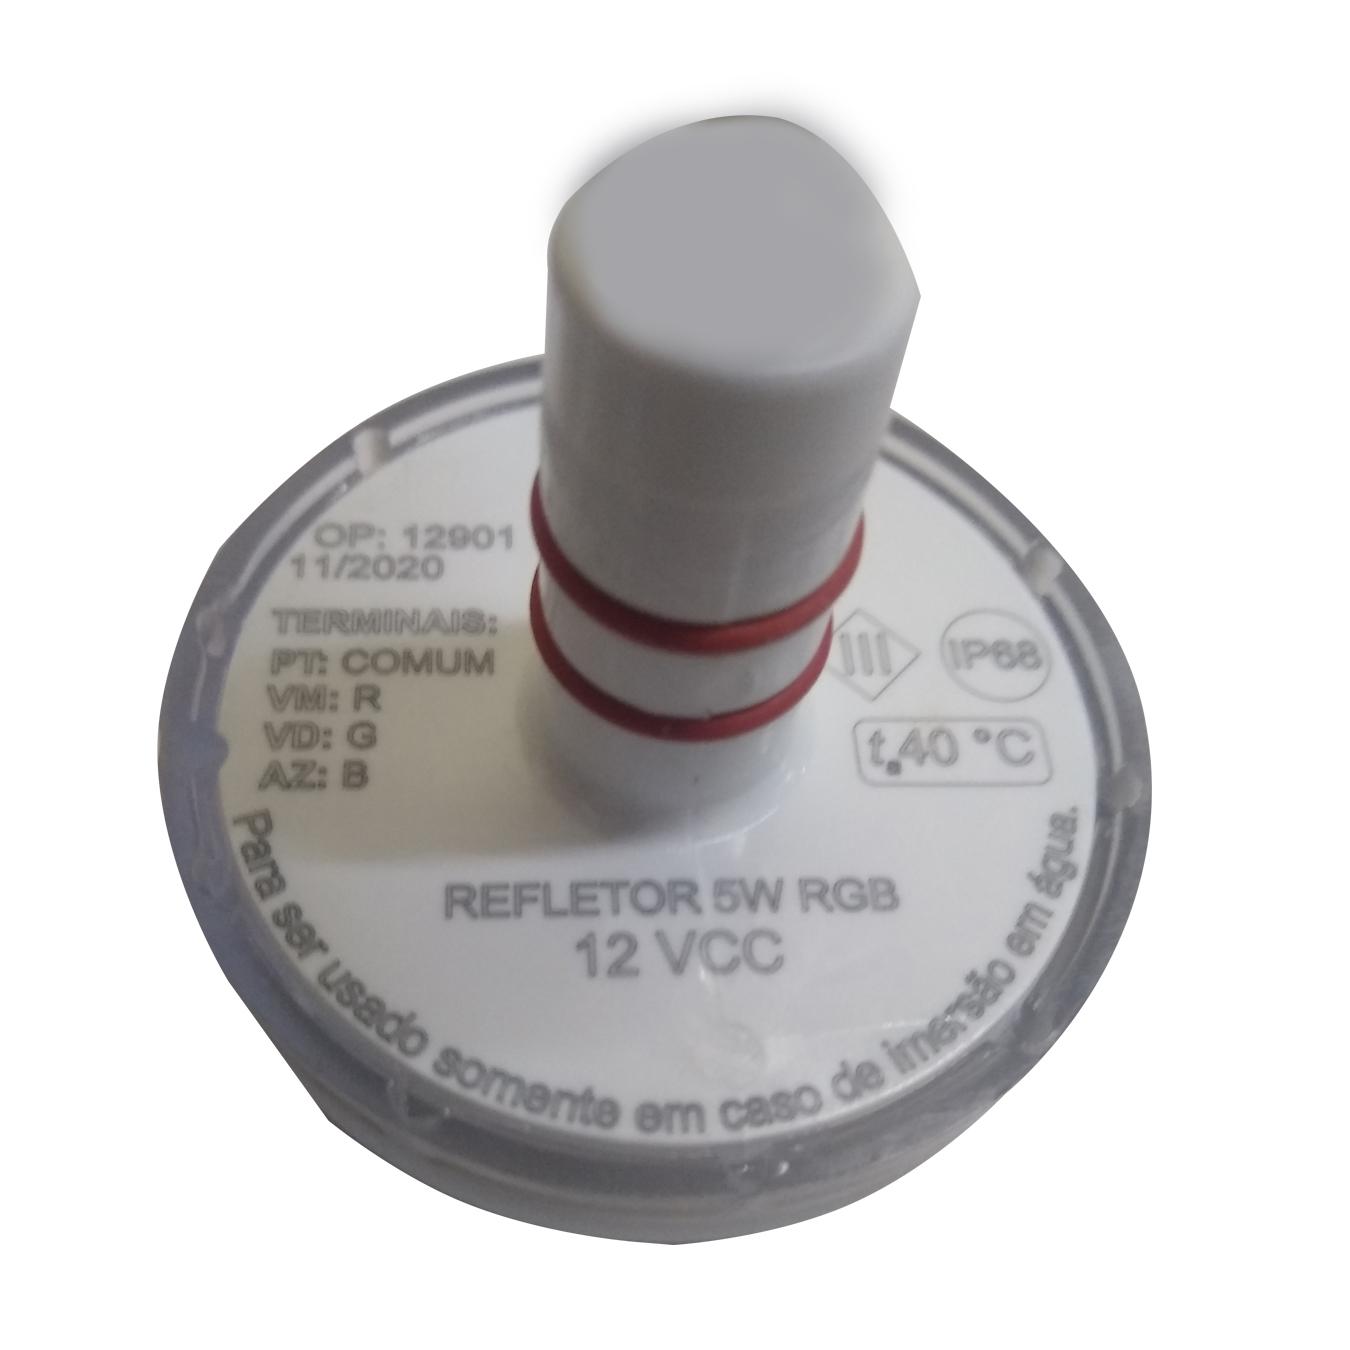 Refletor Iluminação Para Piscina Essential 5w Rgb 8m² Tholz